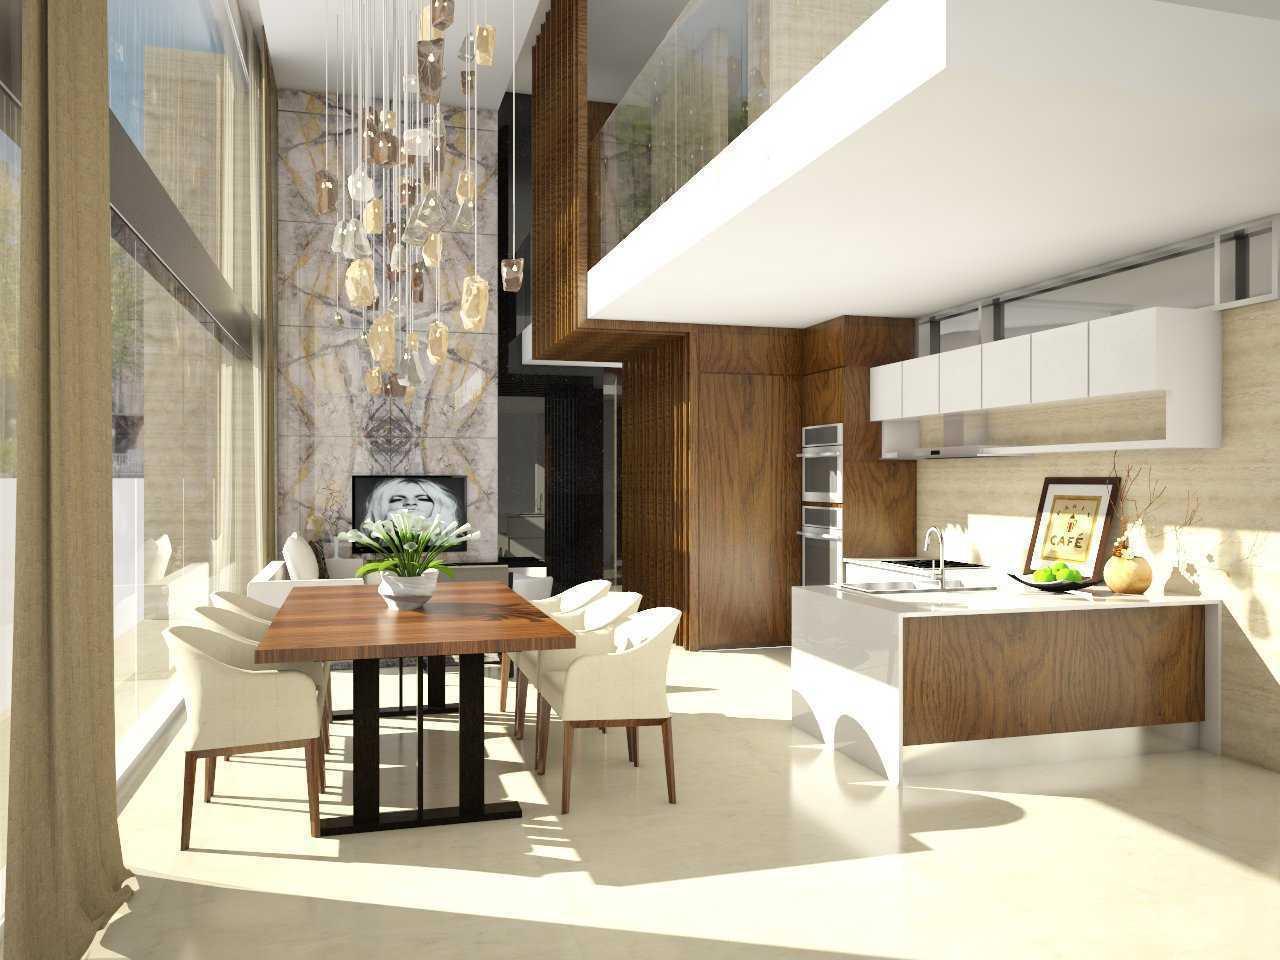 Nuansa Studio Bright House Indonesia Indonesia Nuansa-Studio-24-Bright-House   70552